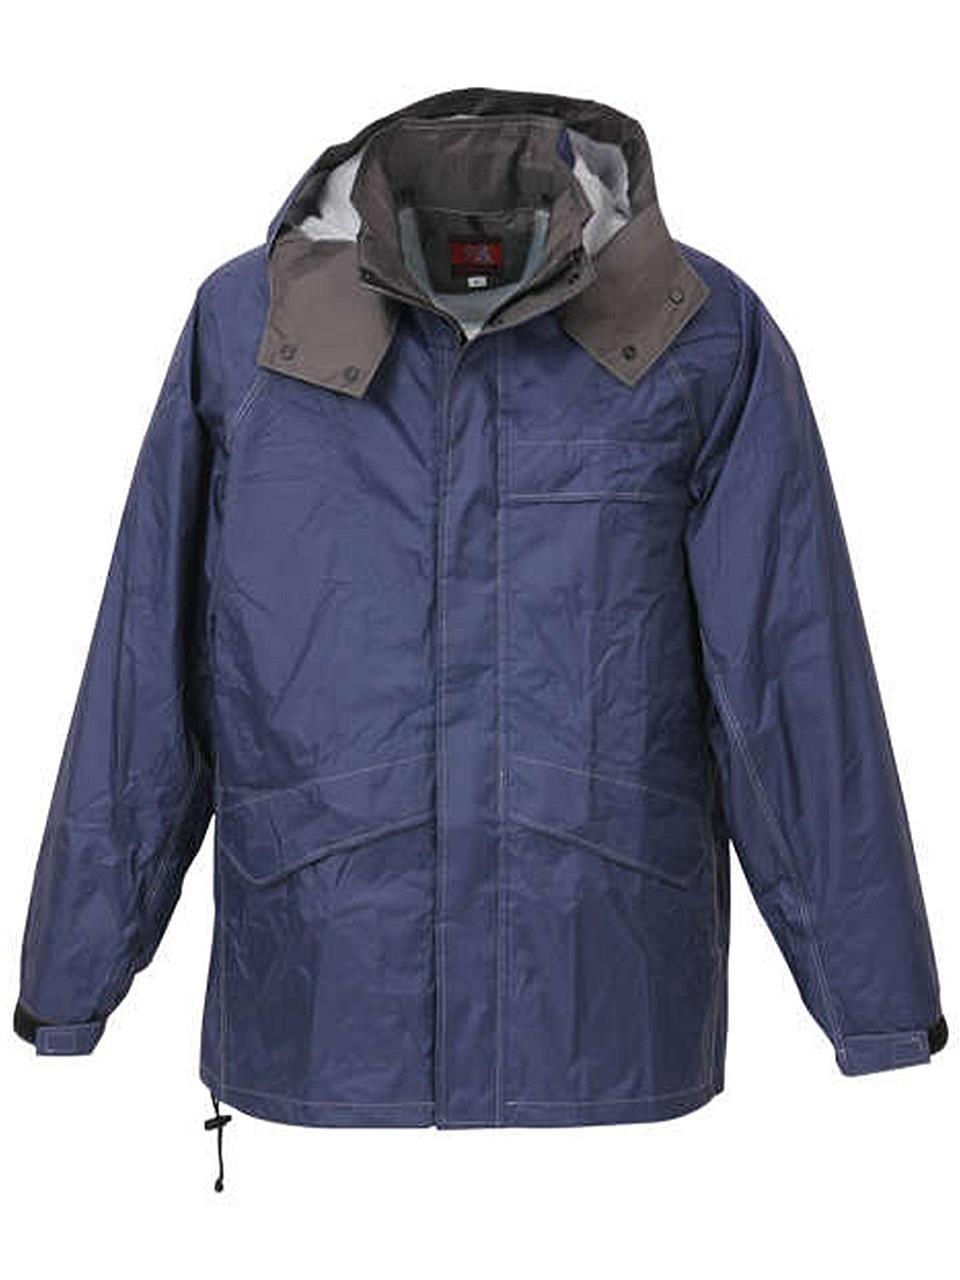 (ラグタイム セレクト) Ragtime Select 合羽 レインウエア レインジャケット 大きいサイズ メンズ 雨具 作業着 作業服 雨 C300419-01 B07CH38S46 4L|ネイビー ネイビー 4L